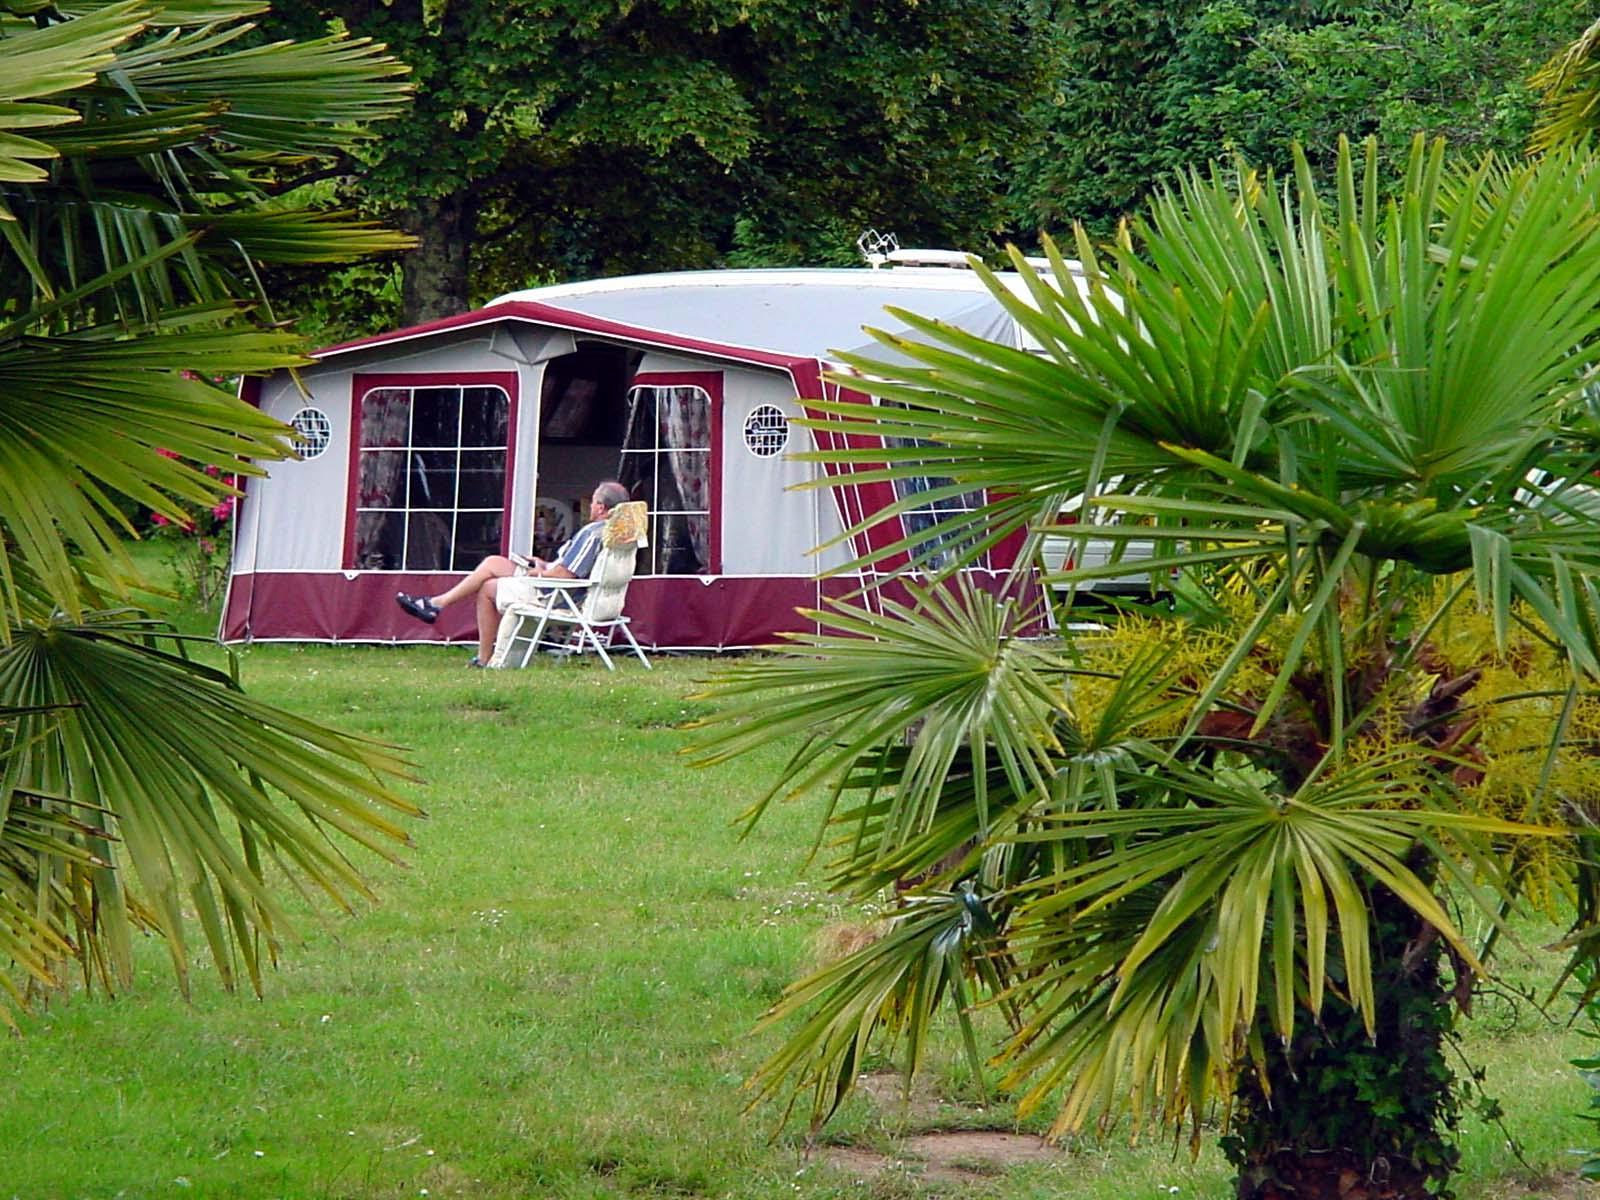 Emplacement - Emplacement Castel Premium 120M² (Empl Confort + Salon De Jardin + Frigo + Barbecue ) - Camping Castel L'Orangerie de Lanniron